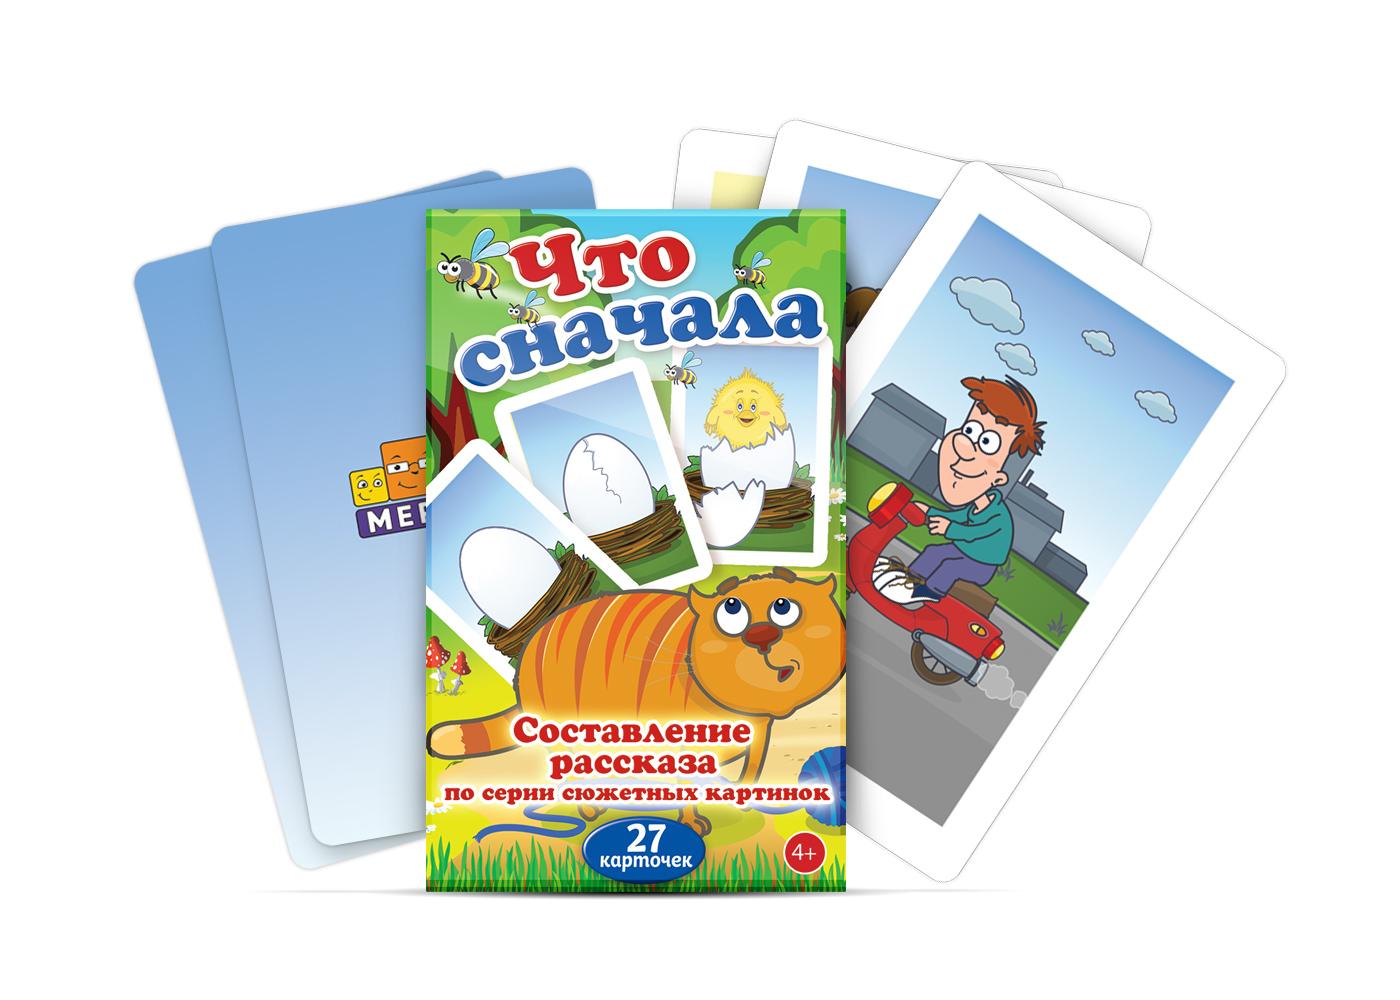 Обучающая игра Мерсибо 161605161605Если на обследовании ребенок отвечает односложно и с грамматическими ошибками, не может установить последовательность и описать картинки, долго подбирает слова - это повод поработать над связной речью.Мы выпустили набор карточек для решения этой задачи. В нем 9 историй, для каждого сюжета три карточки с картинками: начало, середина и конец. Такой формат поможет ребенку рассказать историю без путаницы в героях и очередности событий. Одновременно вы поработаете над грамматикой и расширите словарный запас.Для занятия отберите три карточки, дайте ребенку рассмотреть их. Затем он раскладывает карточки в правильной последовательности и рассказывает историю целиком. Набор подходит для обследования речи ребенка, развивающих и коррекционных занятий.Карточки можно использовать с четырех лет: сюжеты простые, персонажи и ситуации знакомы детям. Например: Даша месила тесто, слепила пирожки и испекла их. Истории можно усложнить деталями: из чего Даша приготовила тесто, где пекла пирожки, кого угостила.Набор пригодится в работе логопедам, дефектологам, воспитателям, педагогам дошкольного образования и родителям.В наборе 27 карточек из плотного картона, покрытого лаком. 9 историй для развития связной речи.